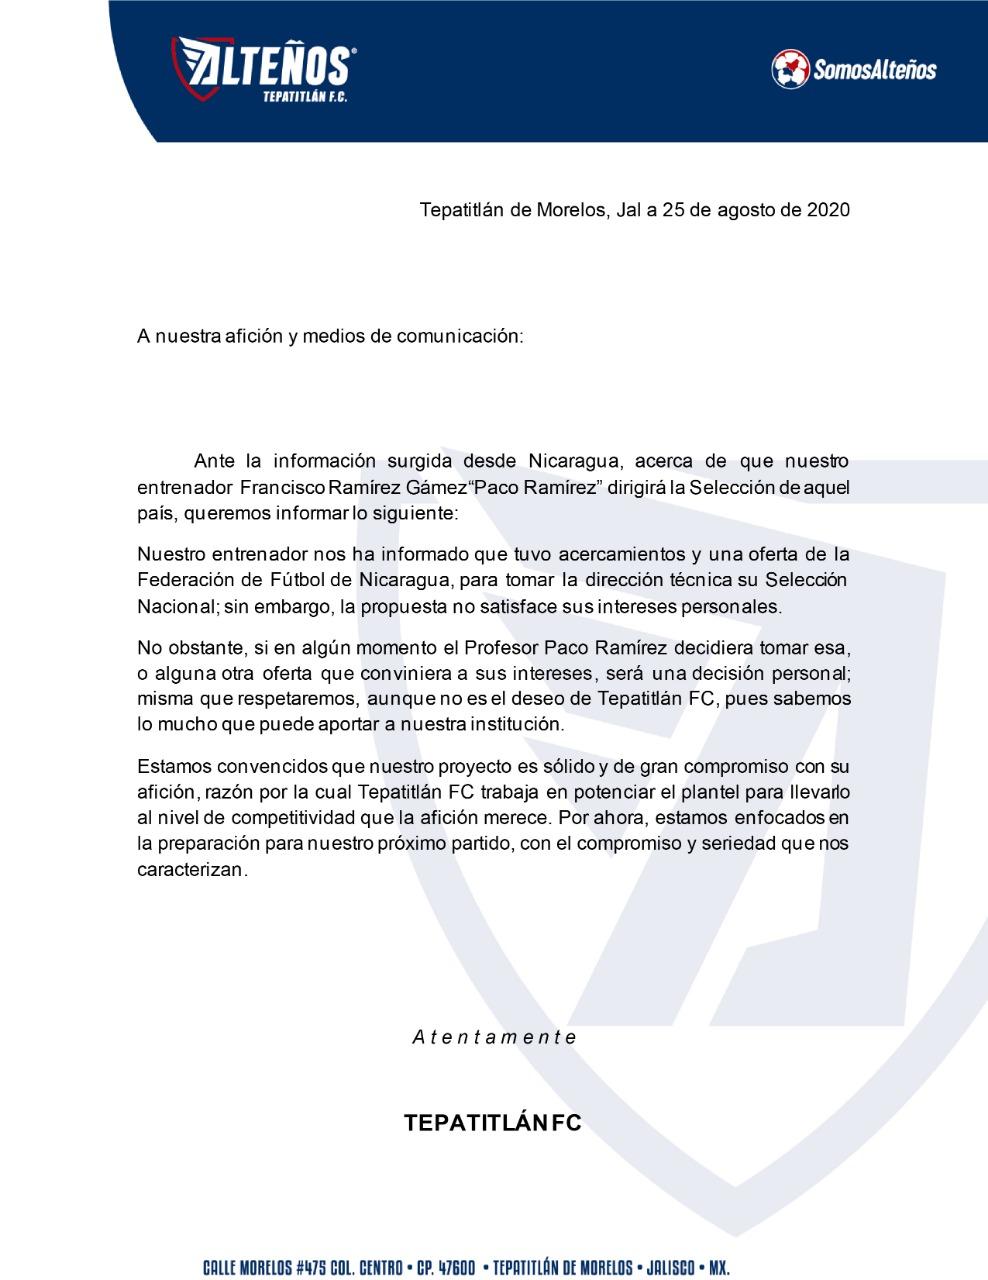 Entrenador de la Liga de Expansión rechaza a la Selección de Nicaragua